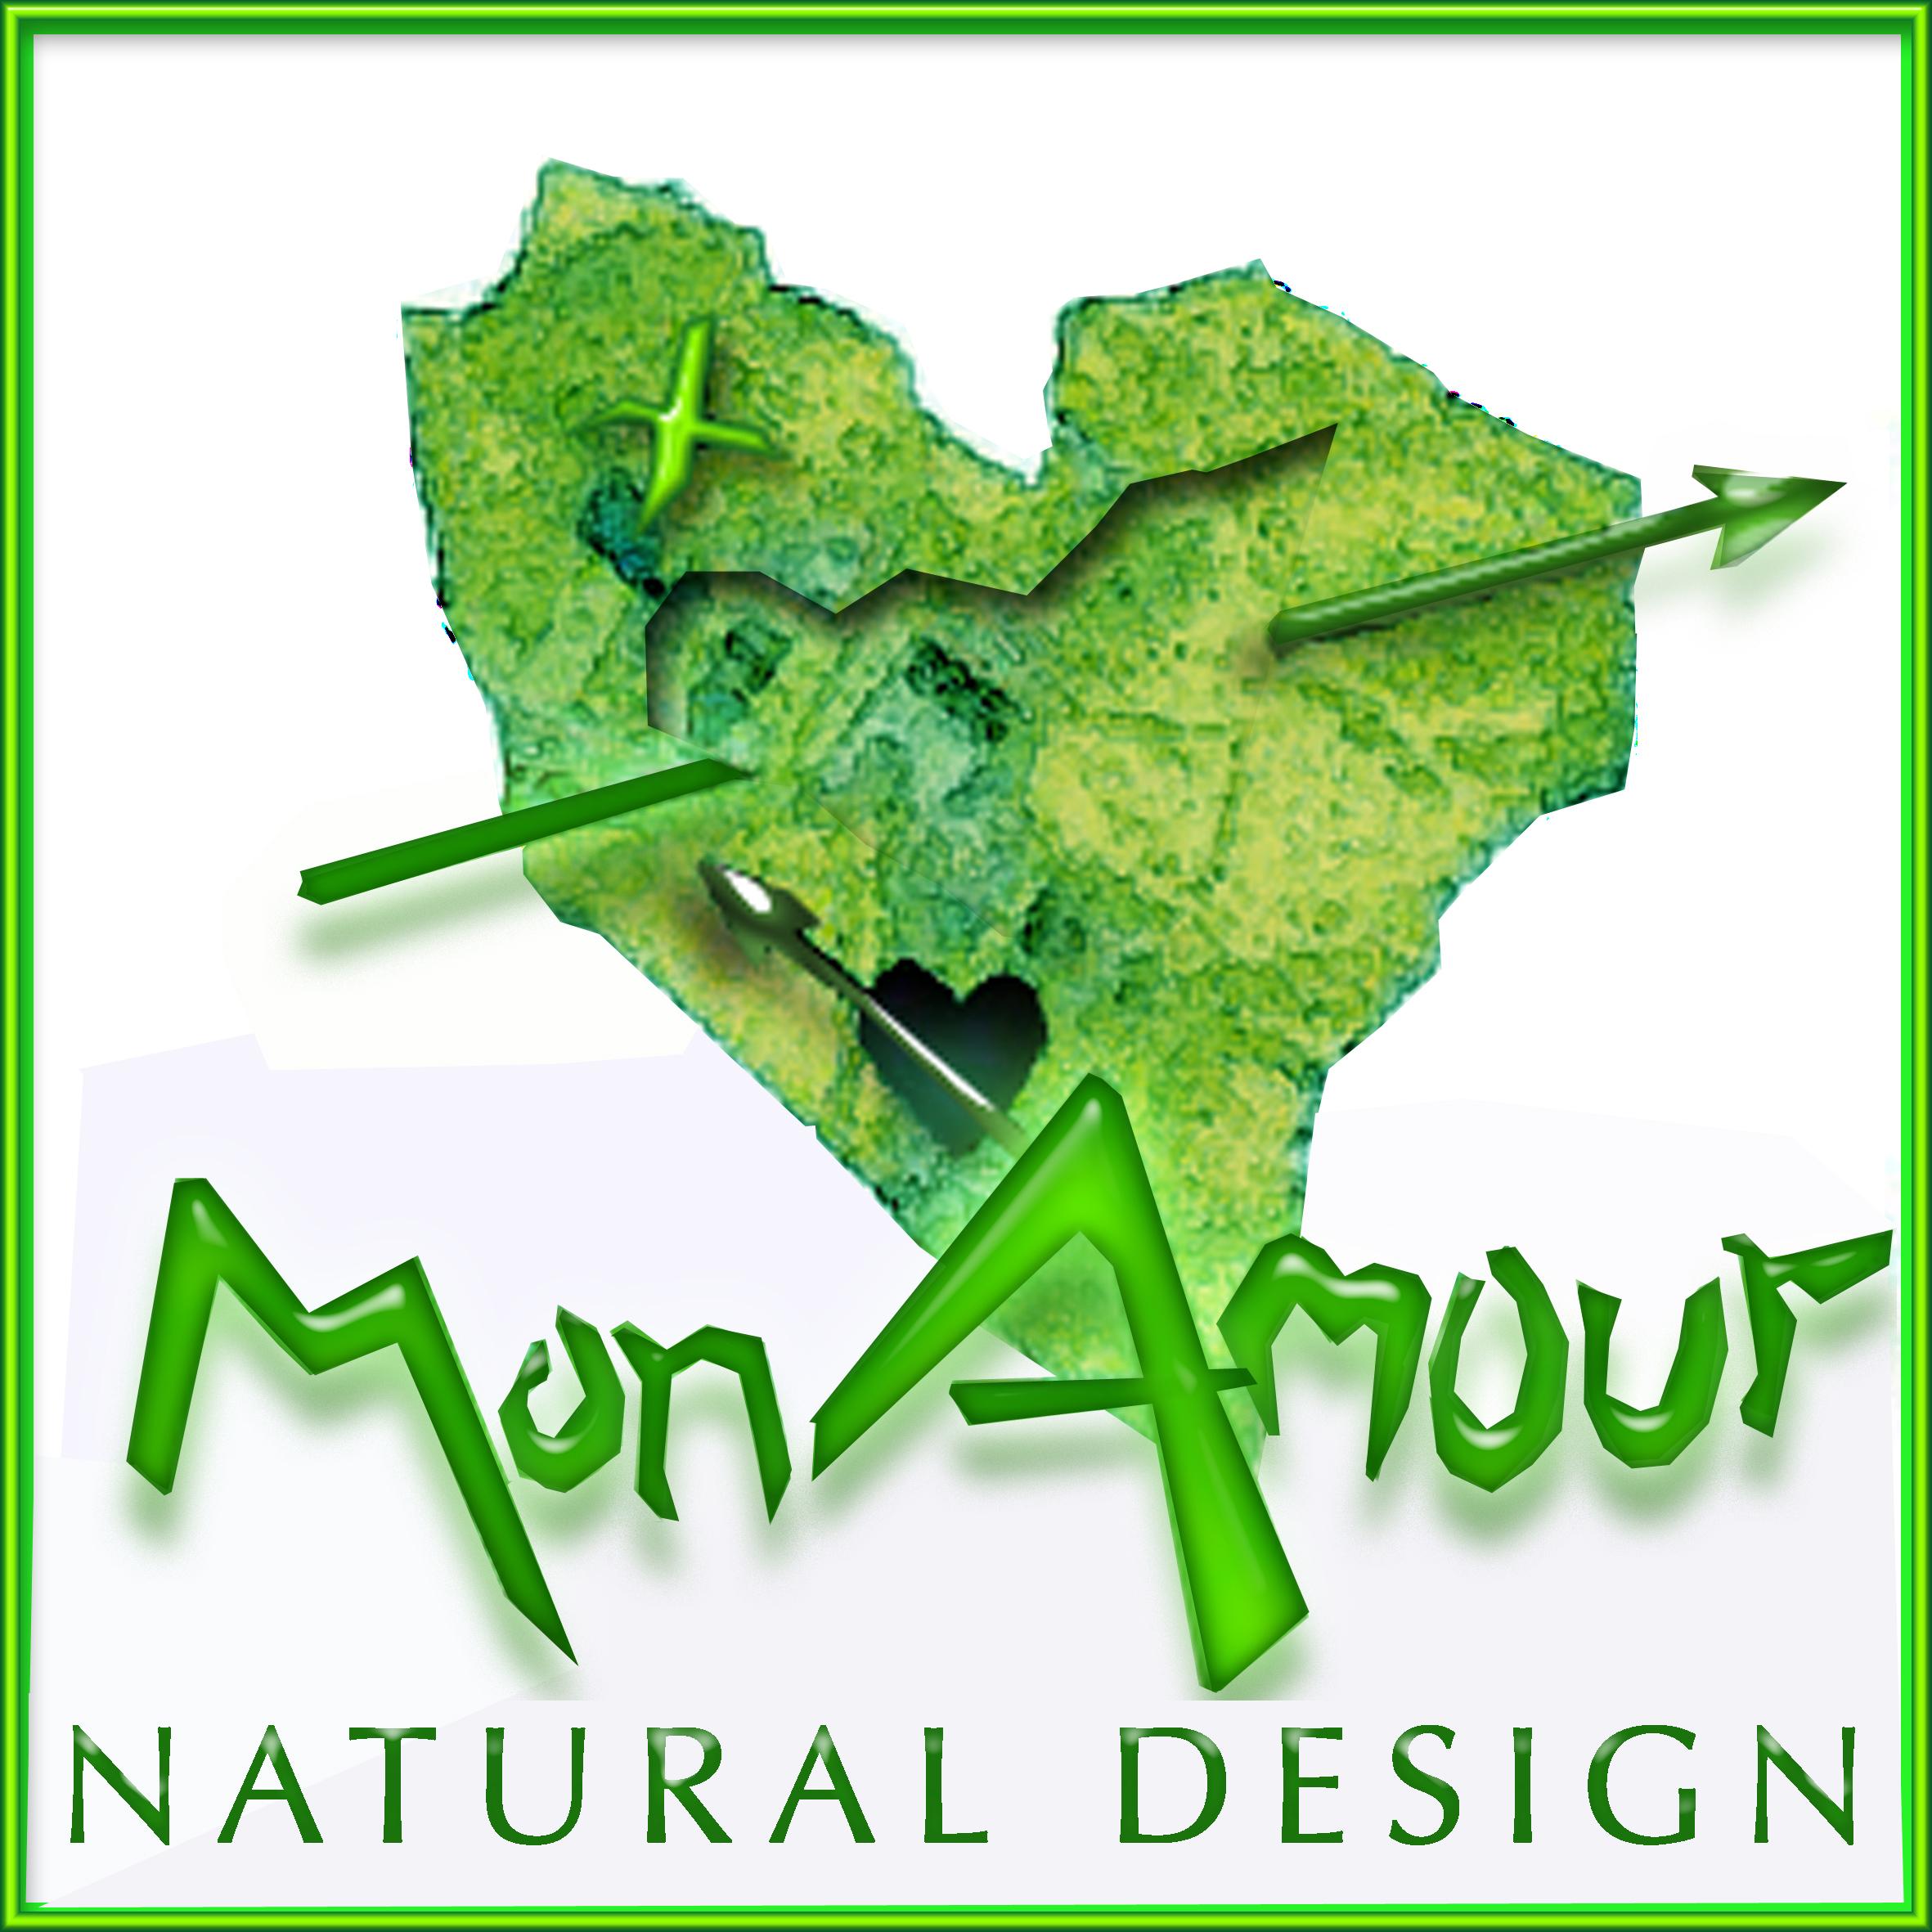 Logotipos Vegetales Monamour Natural Design